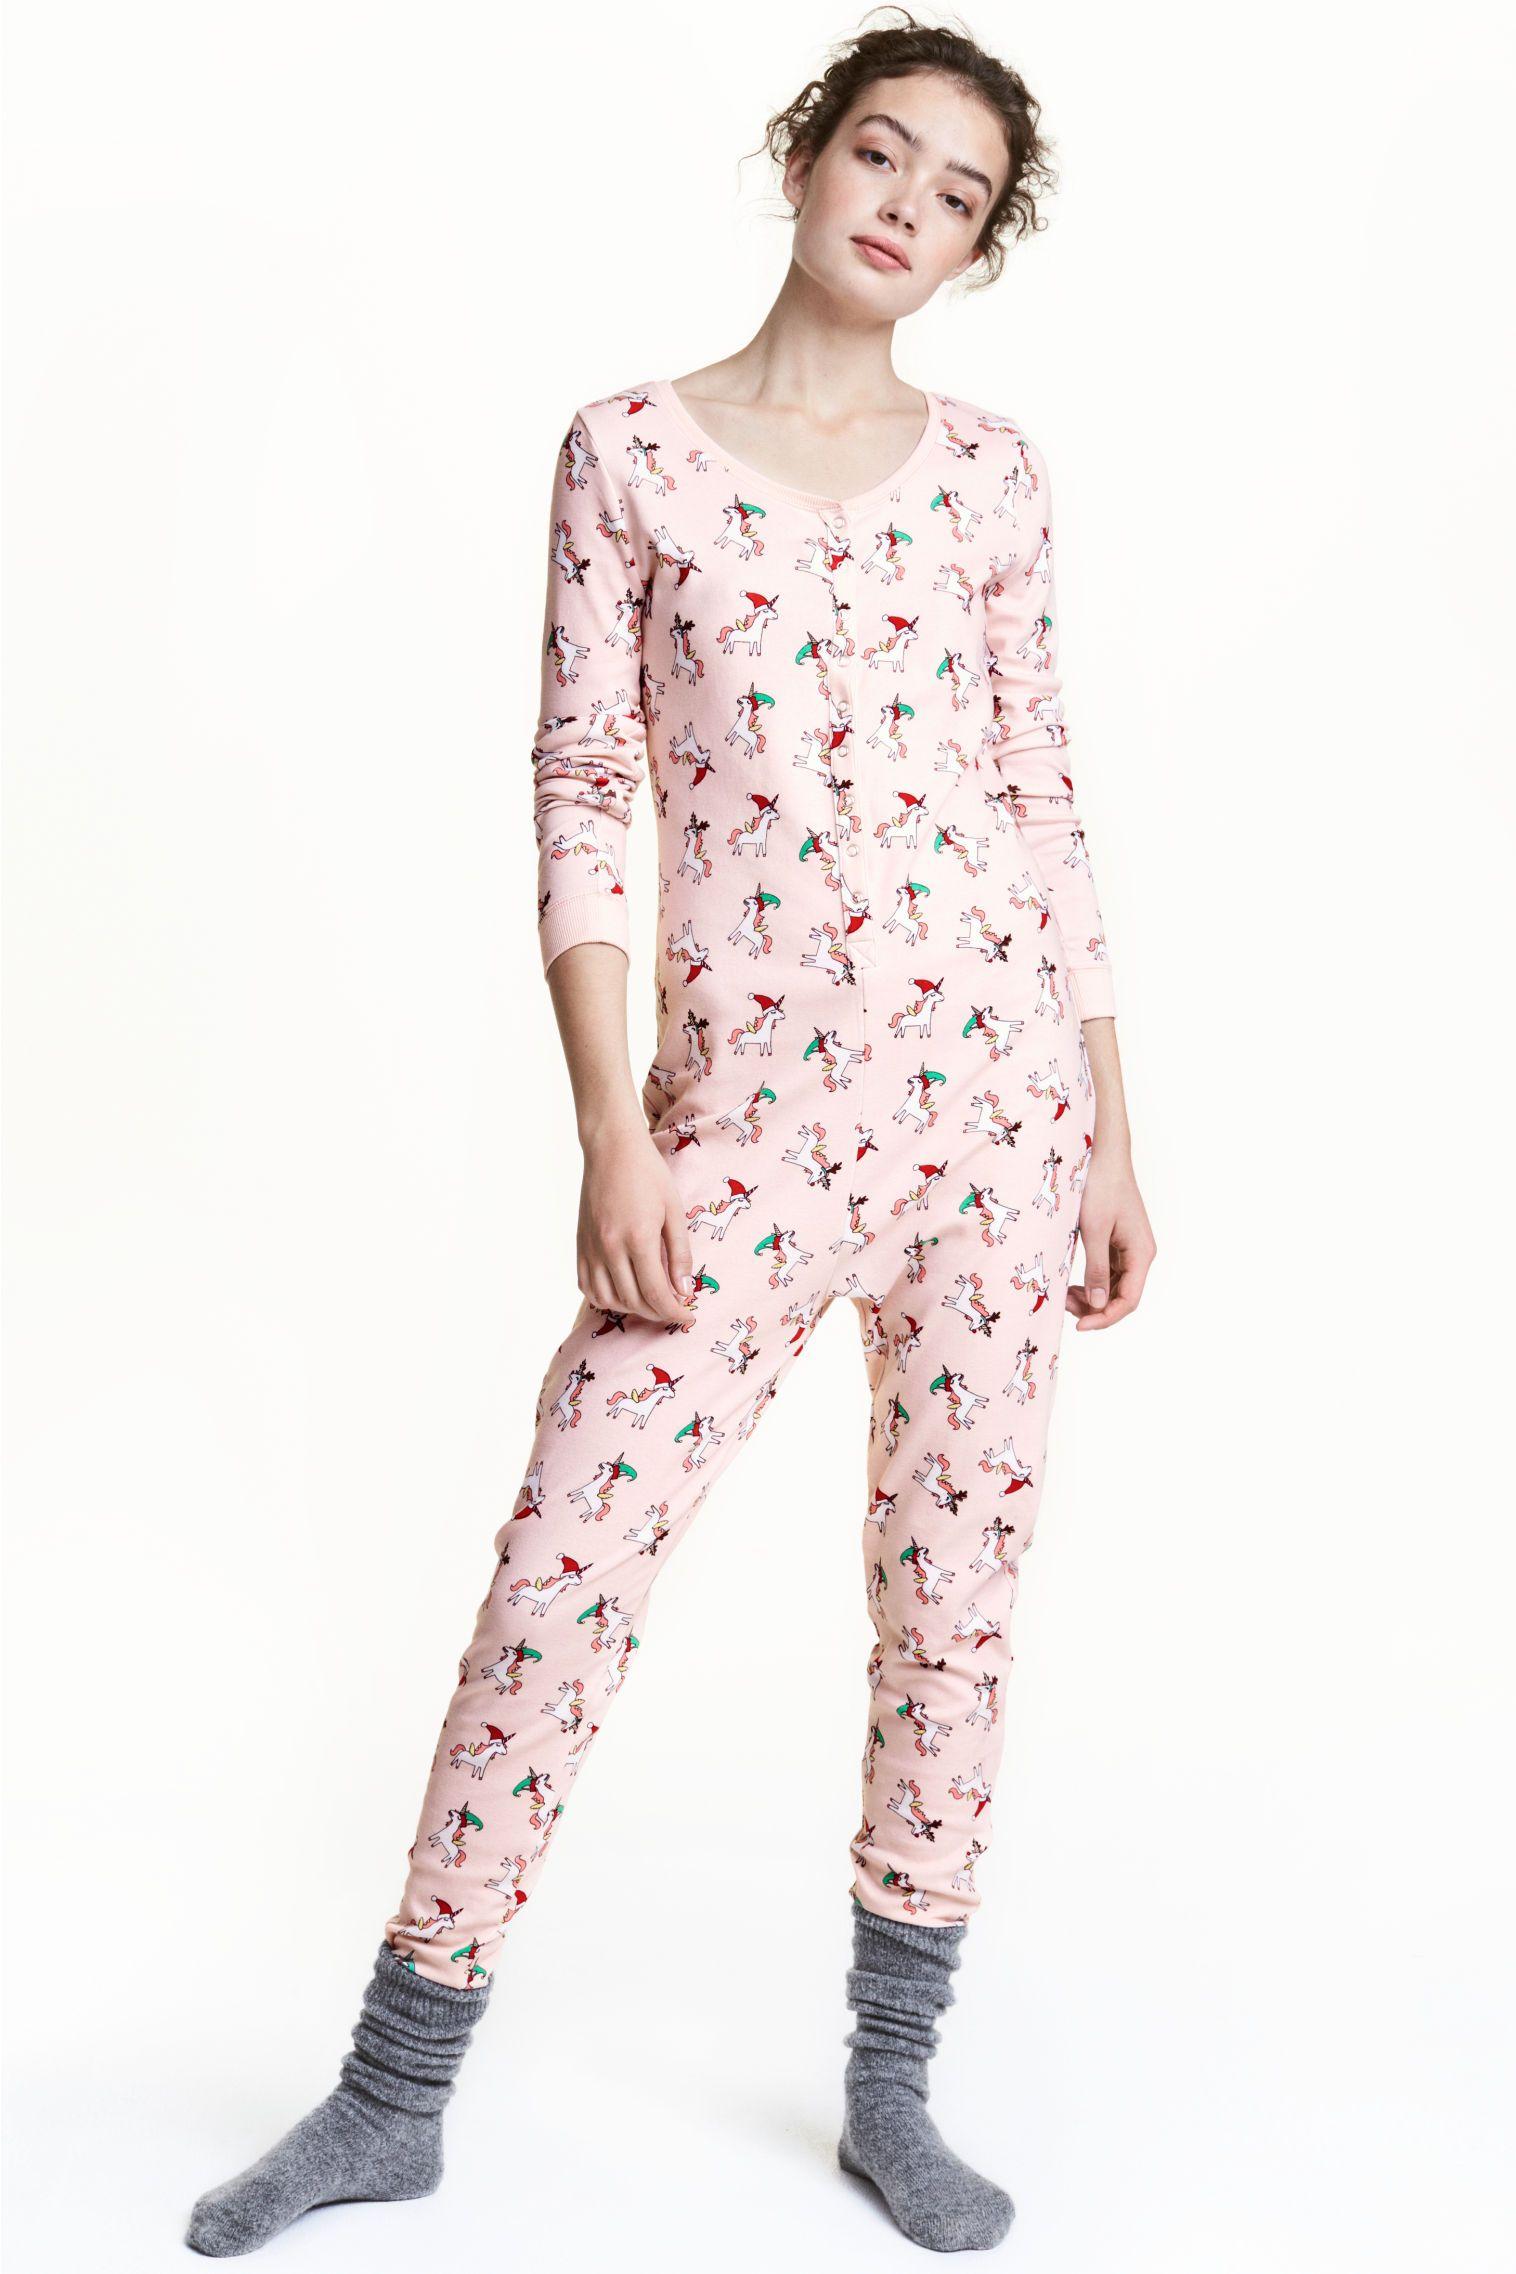 Nouveaux produits 877c1 0143a Combinaison | idée cadeau valou | Combinaison rose, Pyjama ...